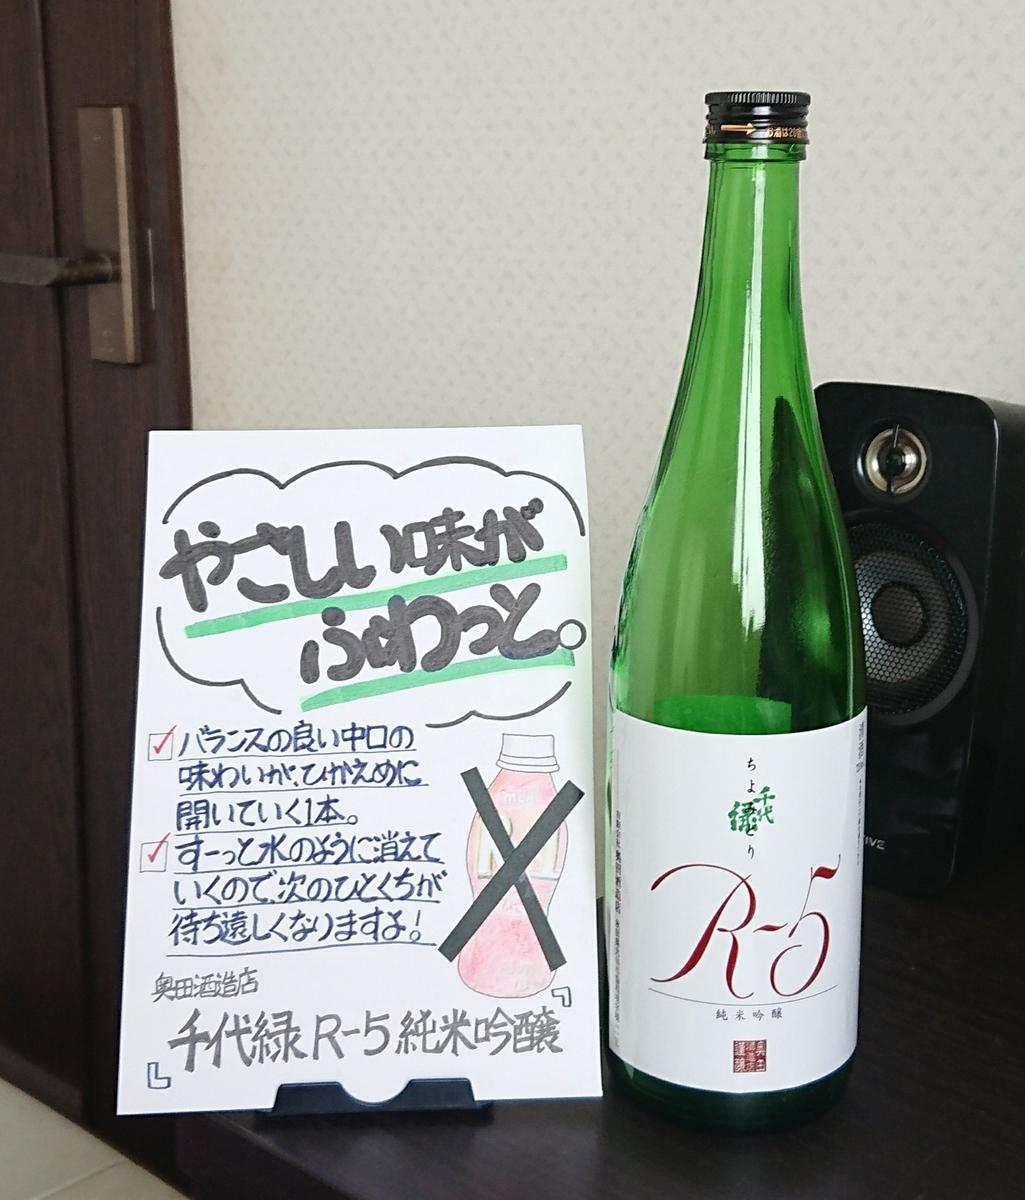 千代緑R-5 純米吟醸の感想・レビュー